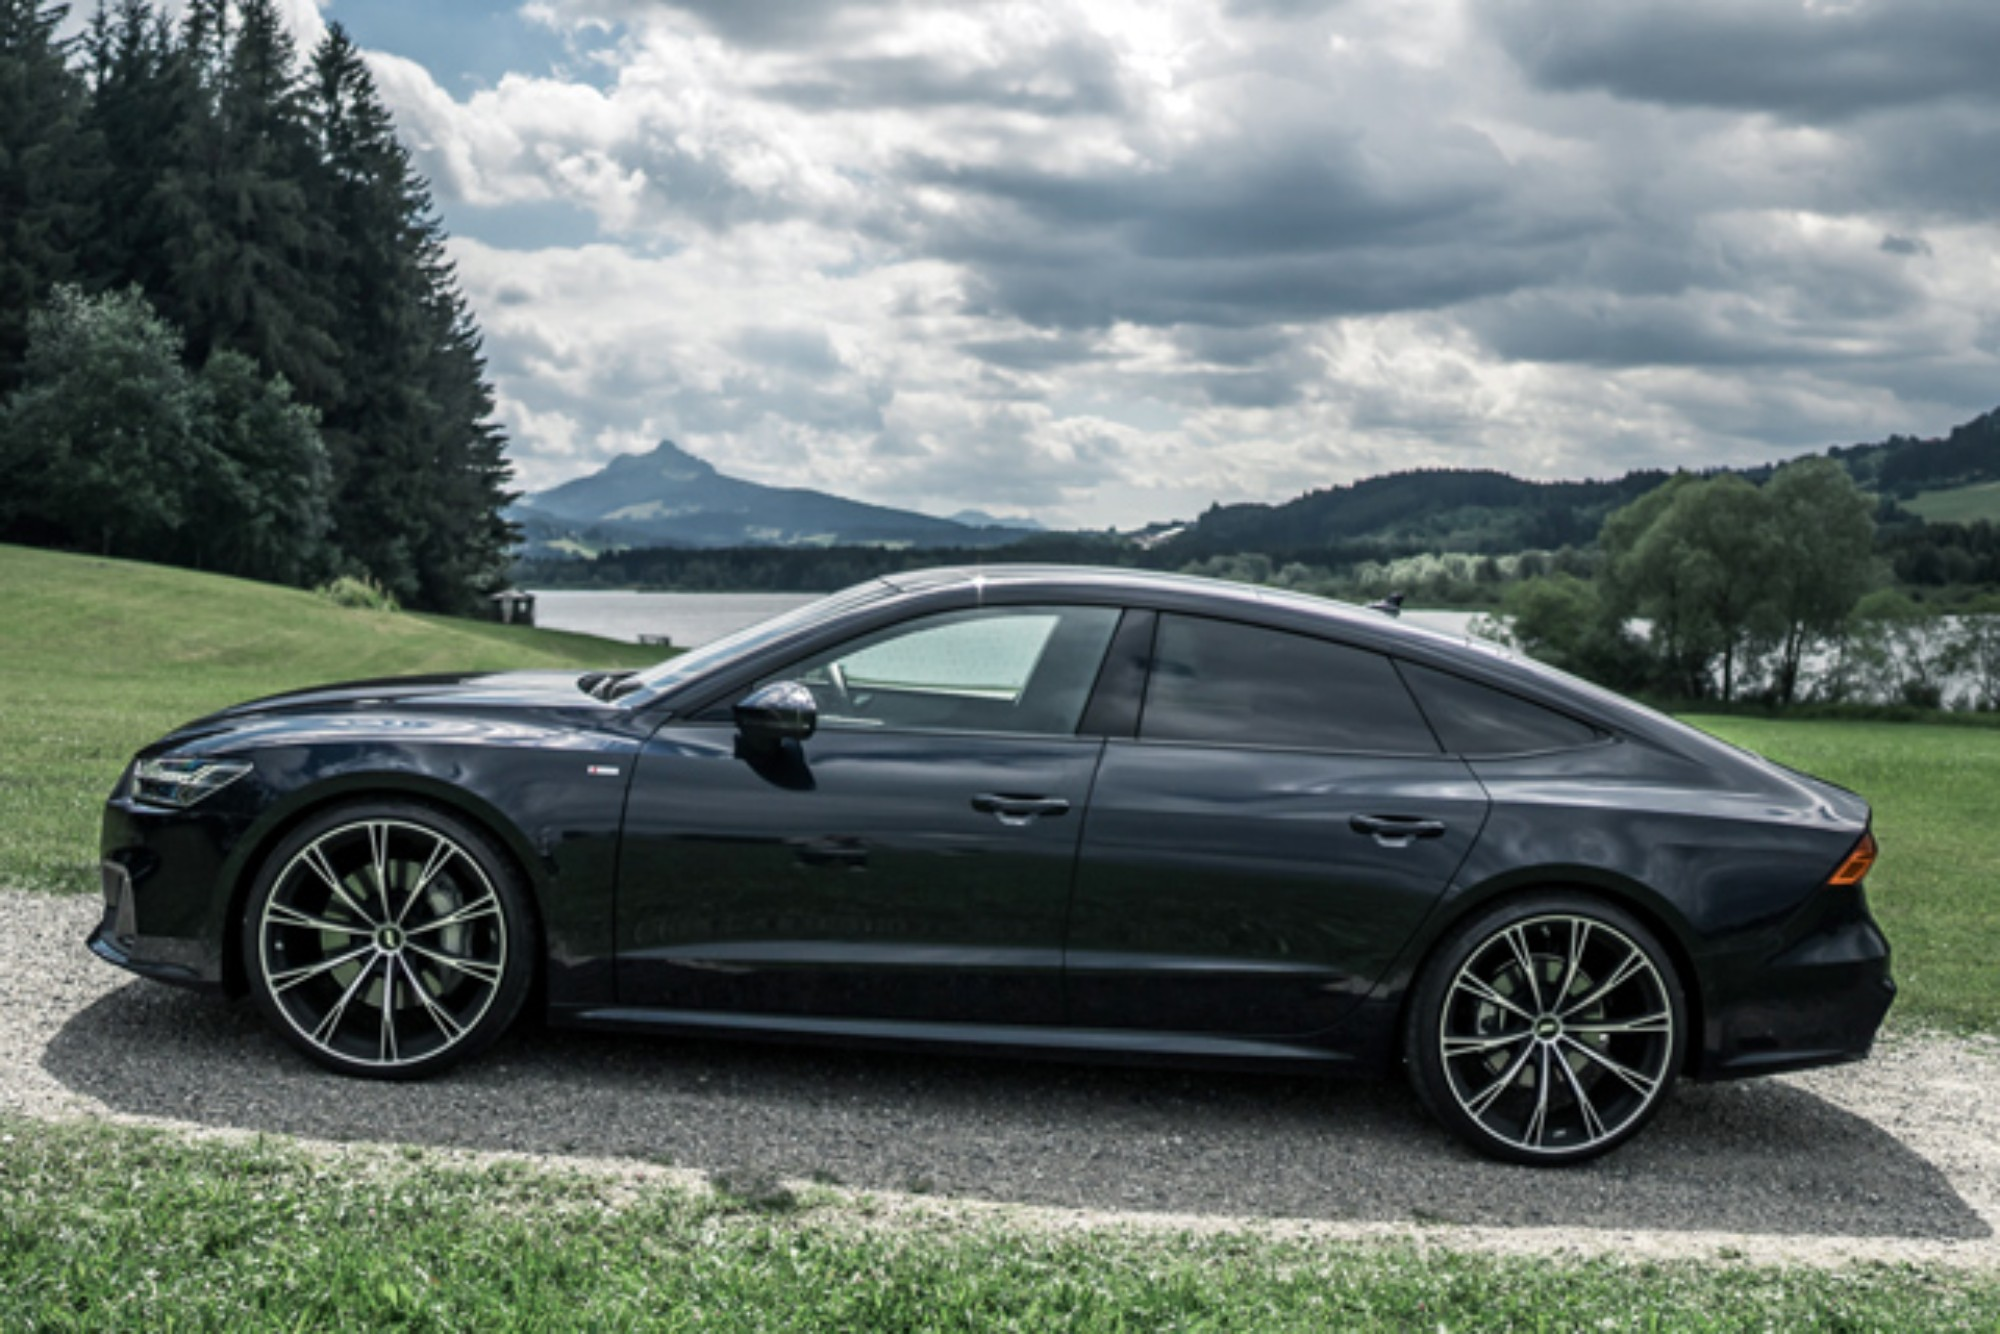 Kelebihan Kekurangan A7 Audi 2019 Perbandingan Harga